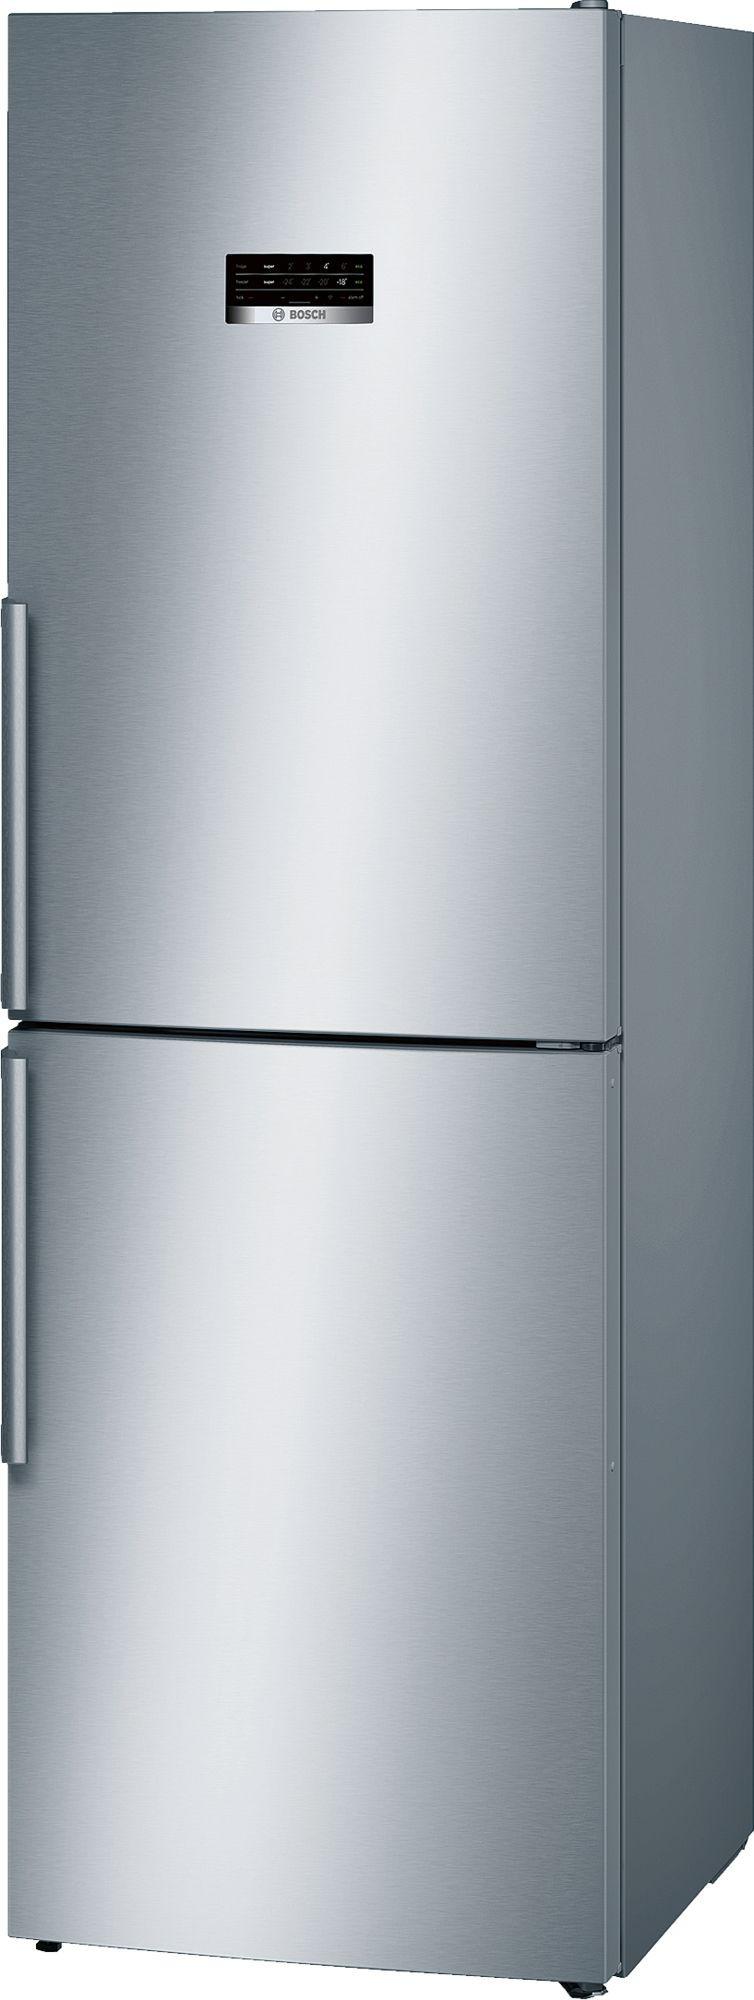 Bosch KGN34XL35G Serie 4 Freestanding Fridge Freezer featured image